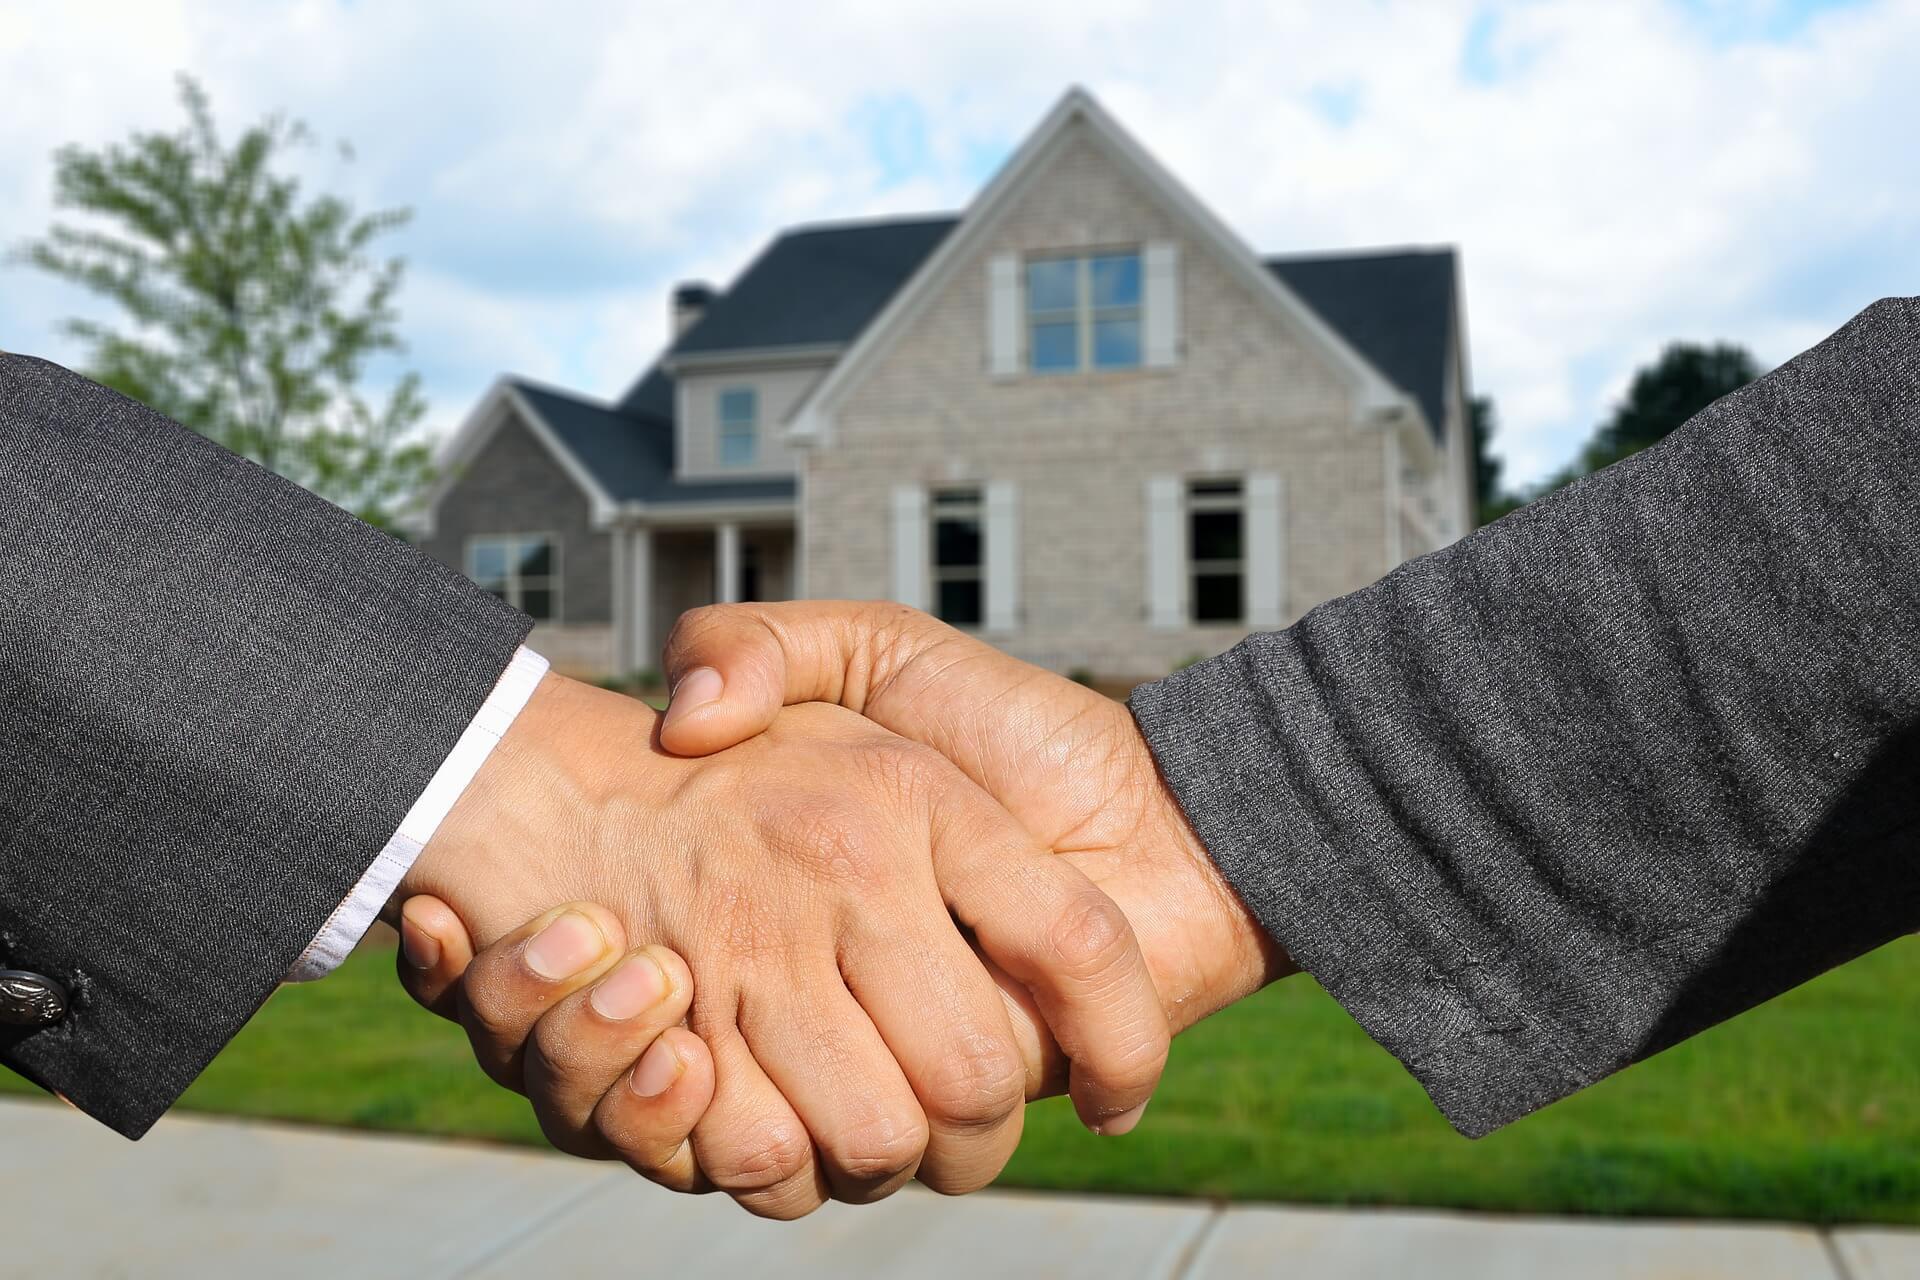 Seguro de Inquilinos: Qué es, qué cubre y por qué es tan importante